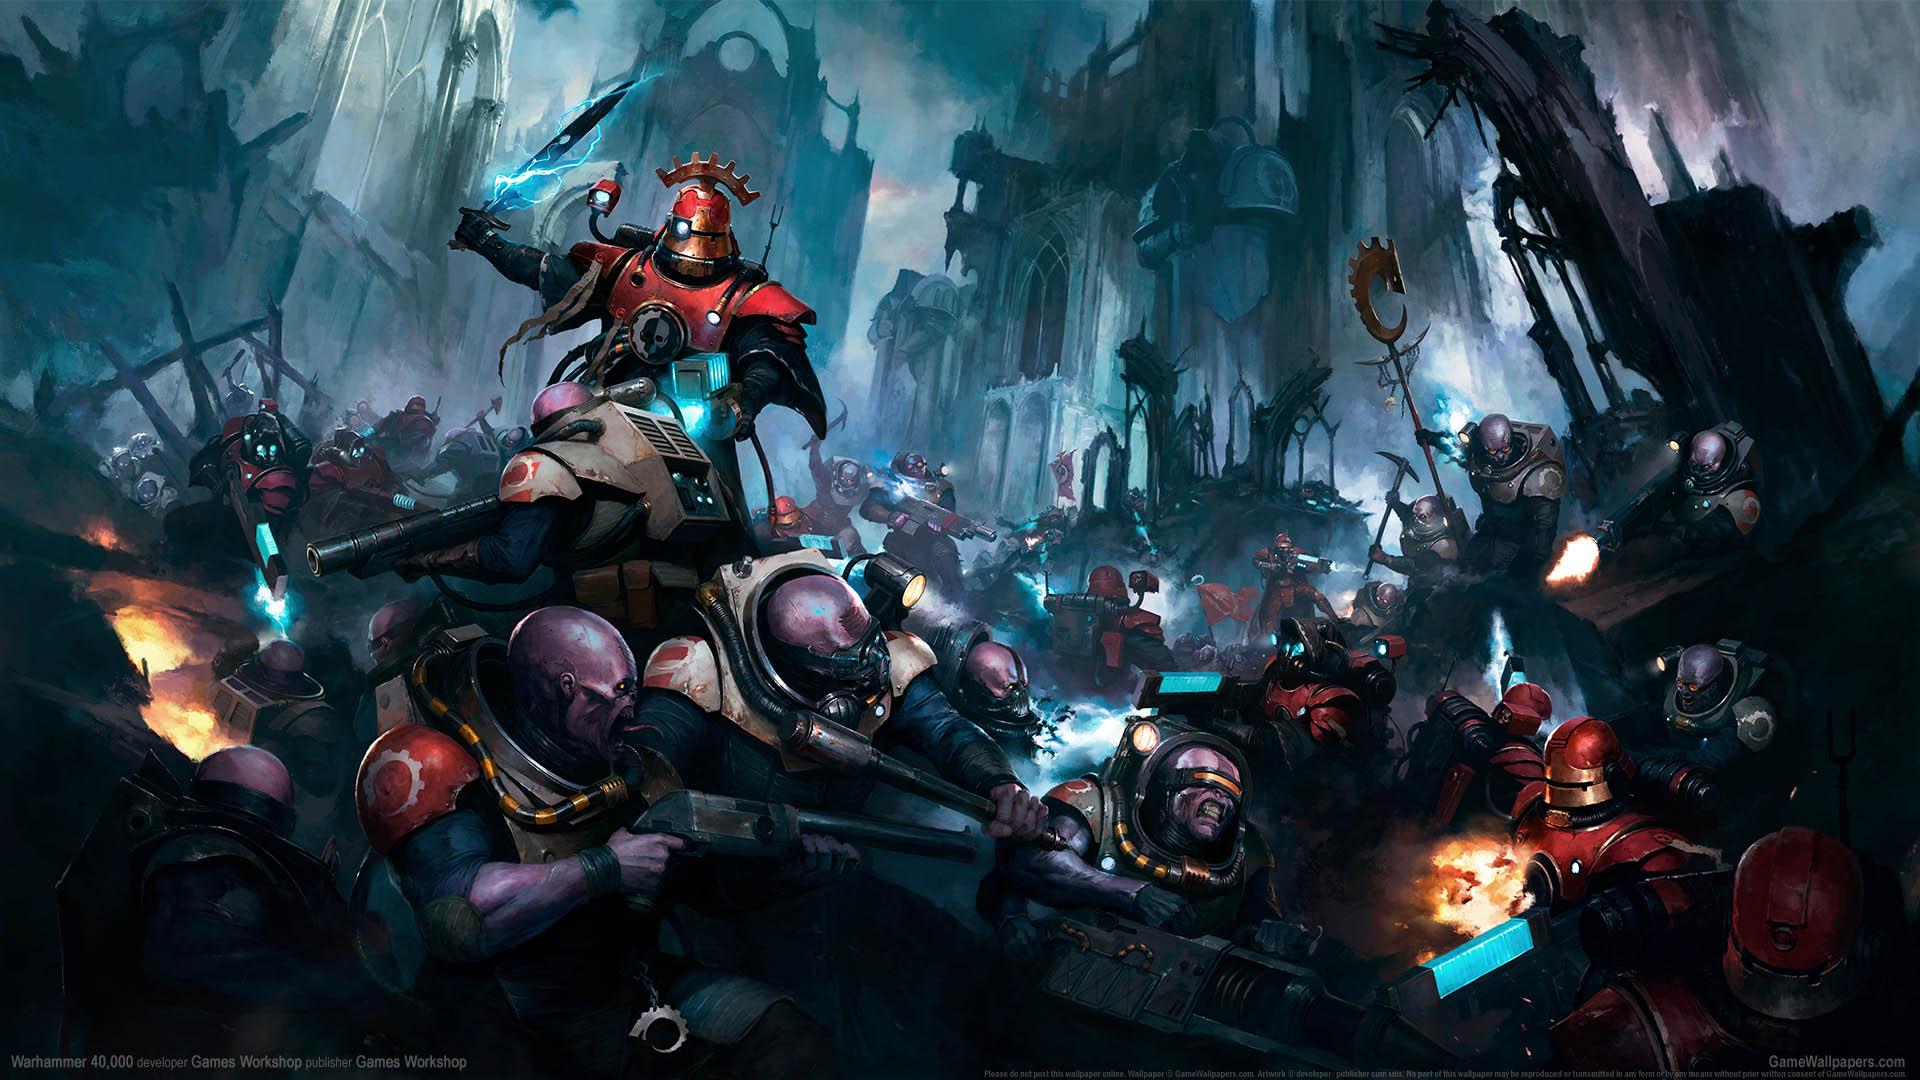 Warhammer 40,000 achtergrond 04 1920x1080